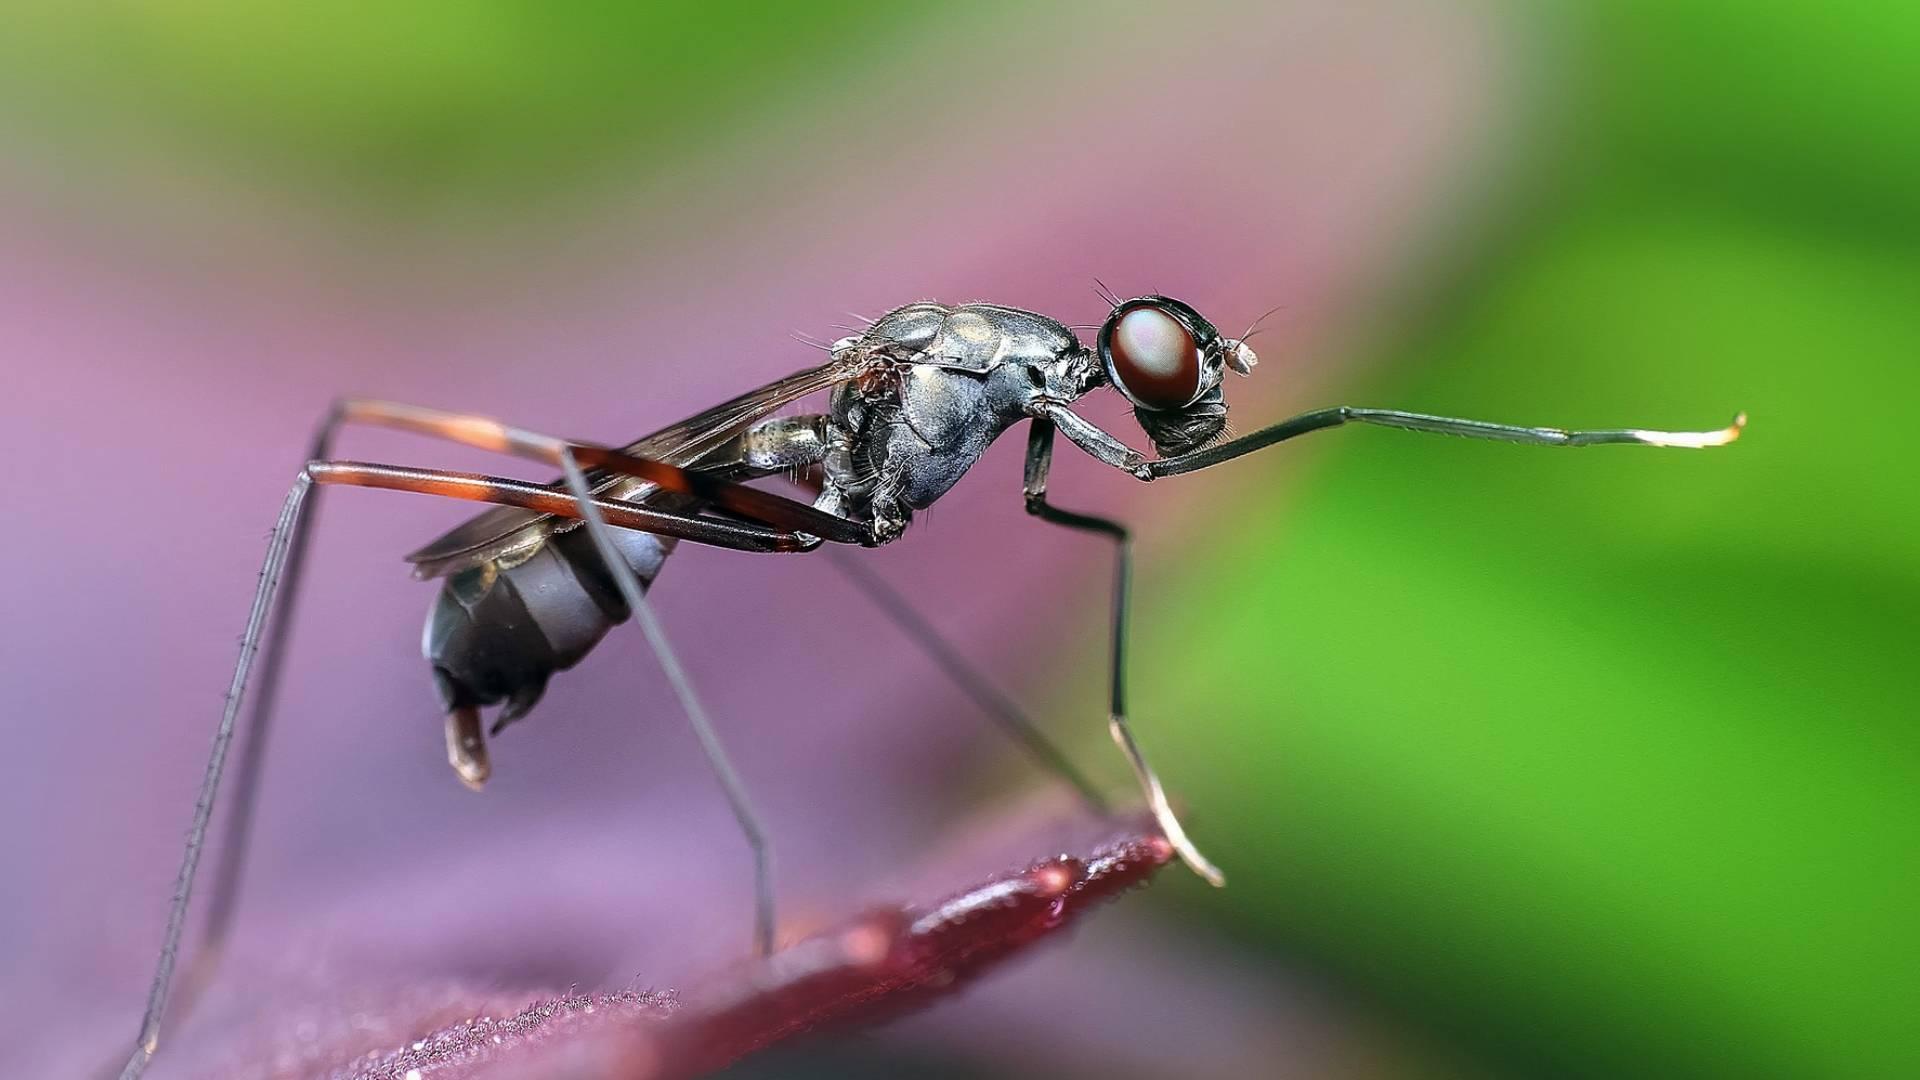 Besondere Ameisen - Sie können ihr Gehirn verändern!